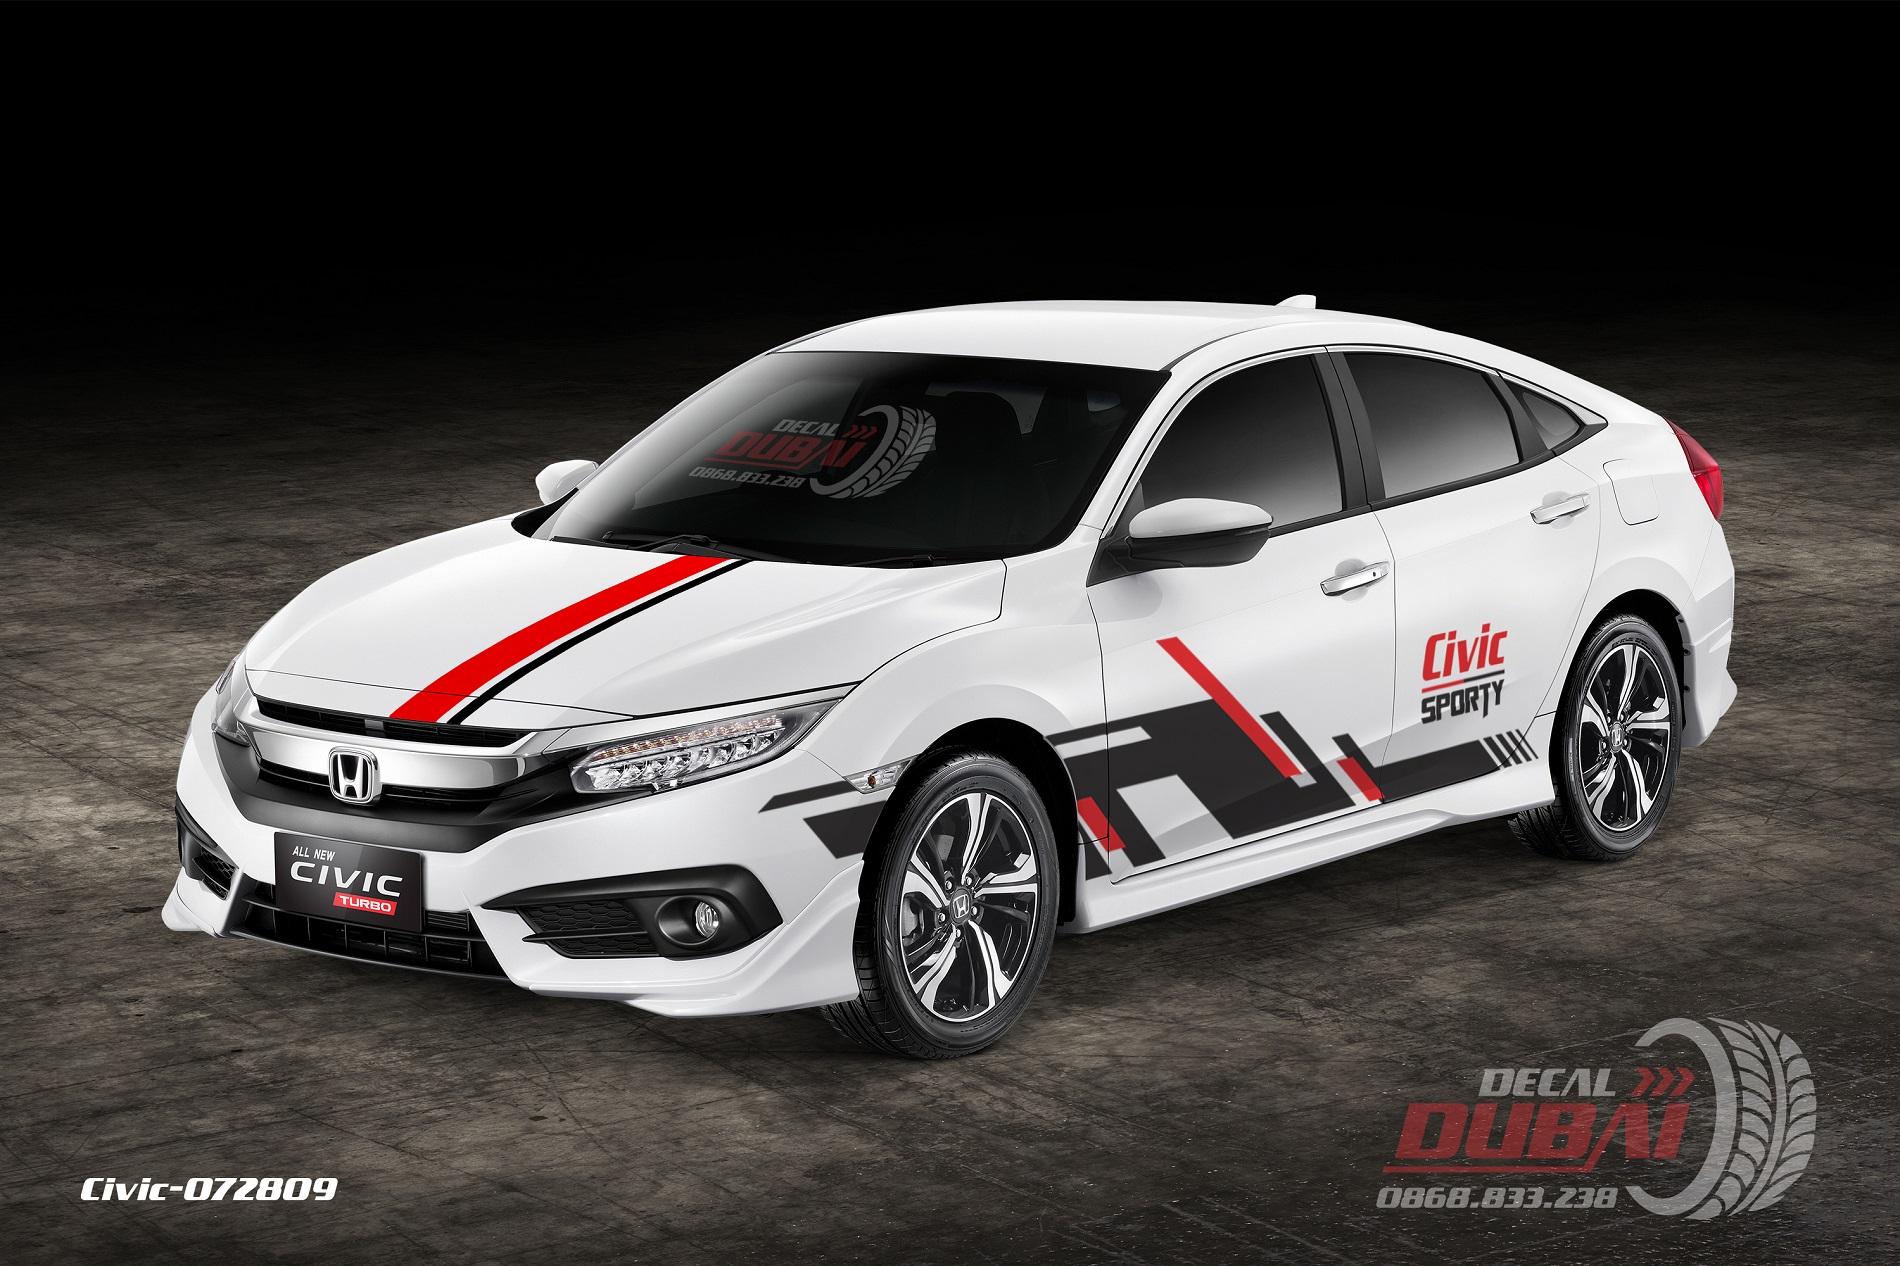 Tem-Xe-Civic-072809-650k